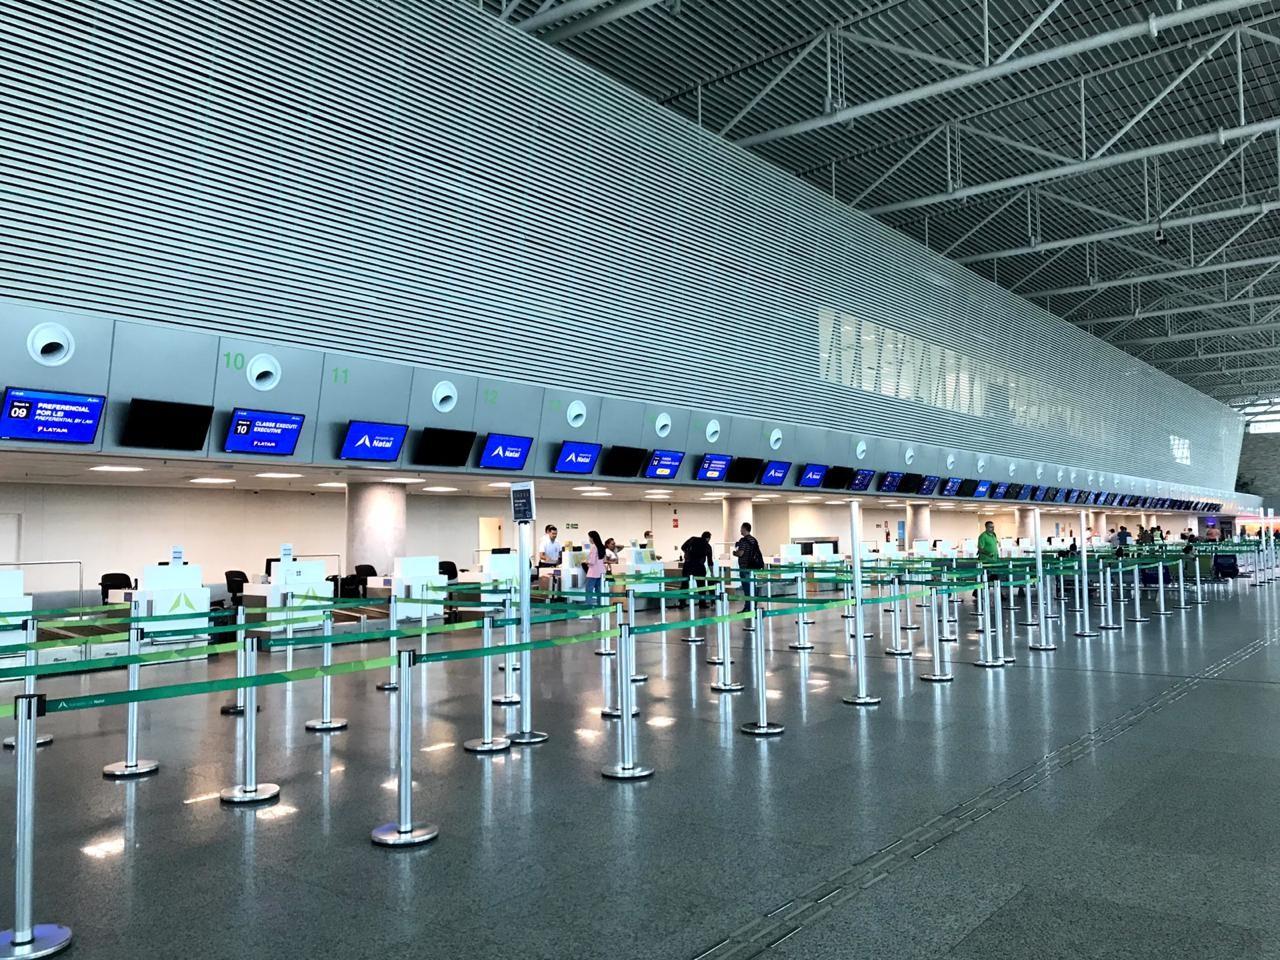 Novo leilão do Aeroporto de Natal deve acontecer no segundo semestre de 2021, diz governo